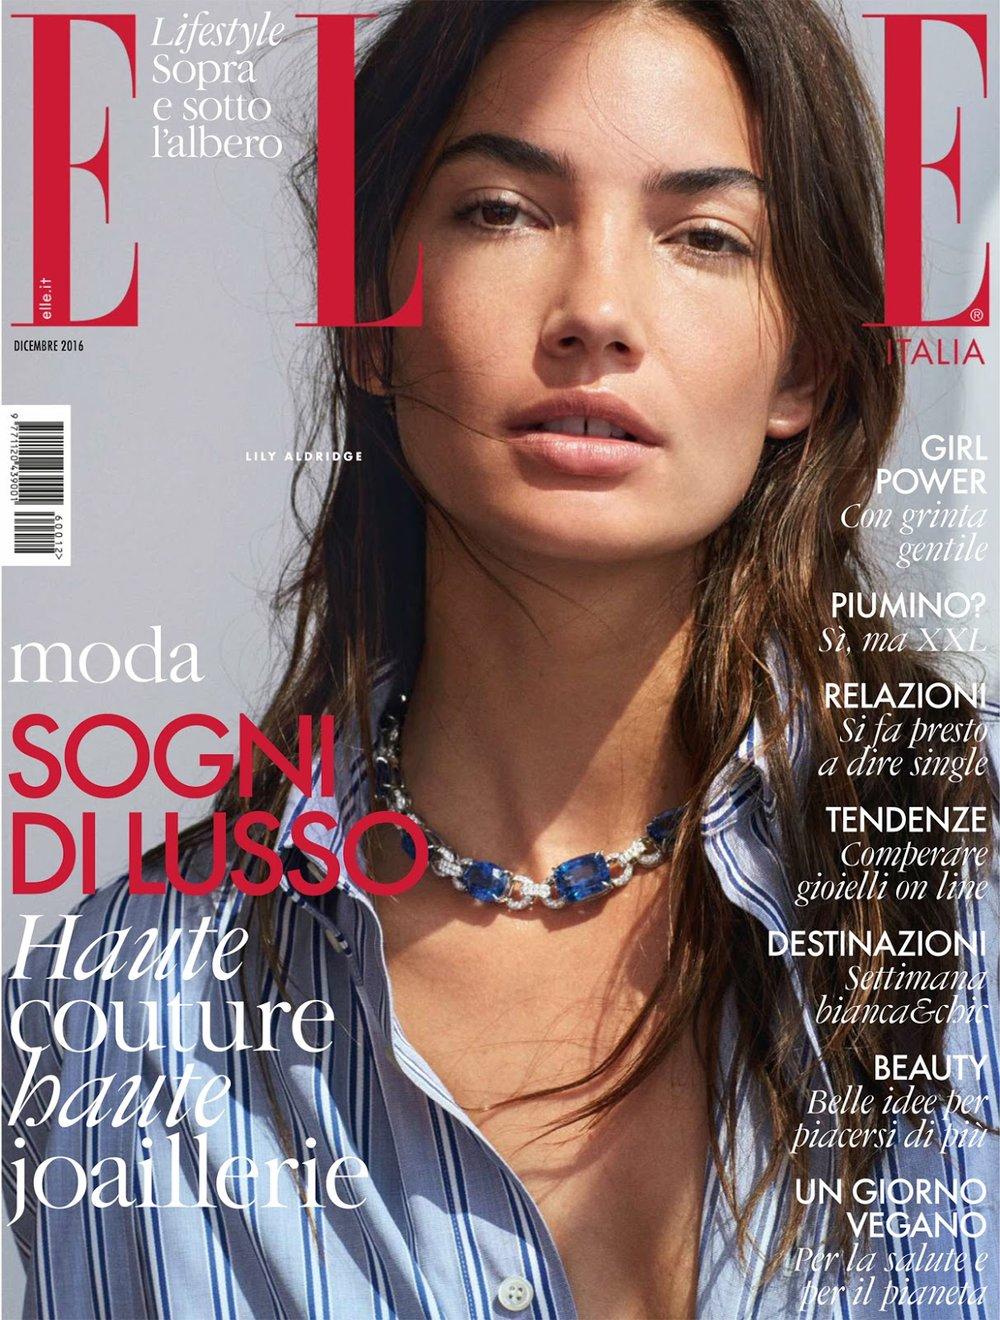 Lily aldridge is sweet like a snake in matt jones images for Elle italia